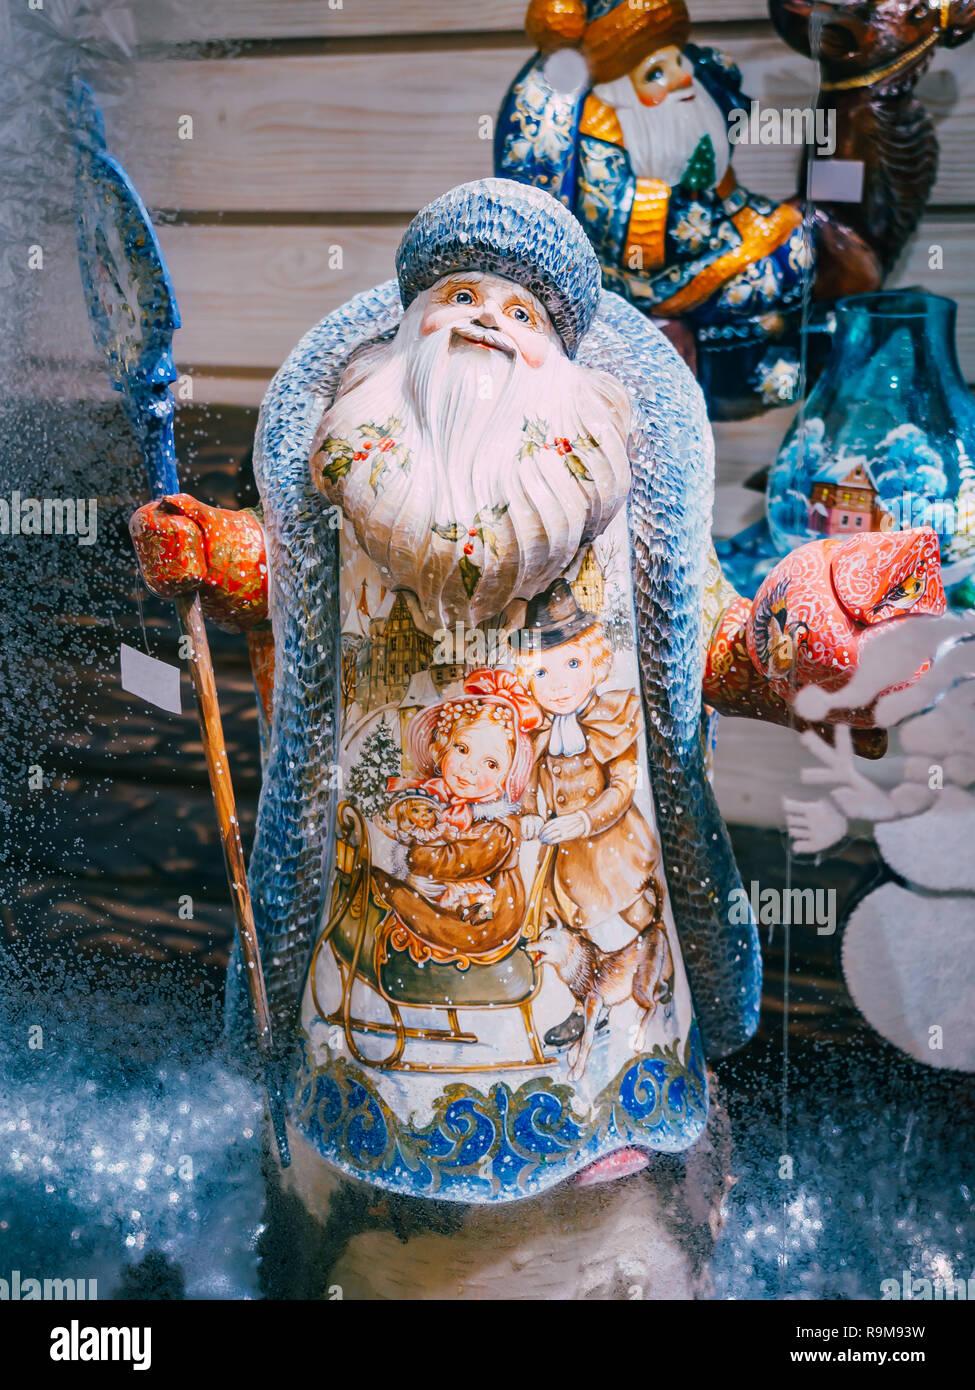 Moskau, Russland - Dezember 19, 2018: die Figur von Vater Frost Santa Claus Ded Moroz auf dem Schaufenster Weihnachtsmarkt auf dem Roten Platz in Moskau. Verkauf von Spielzeug, berühmten und beliebten Märchen Zeichen, Figuren Stockfoto